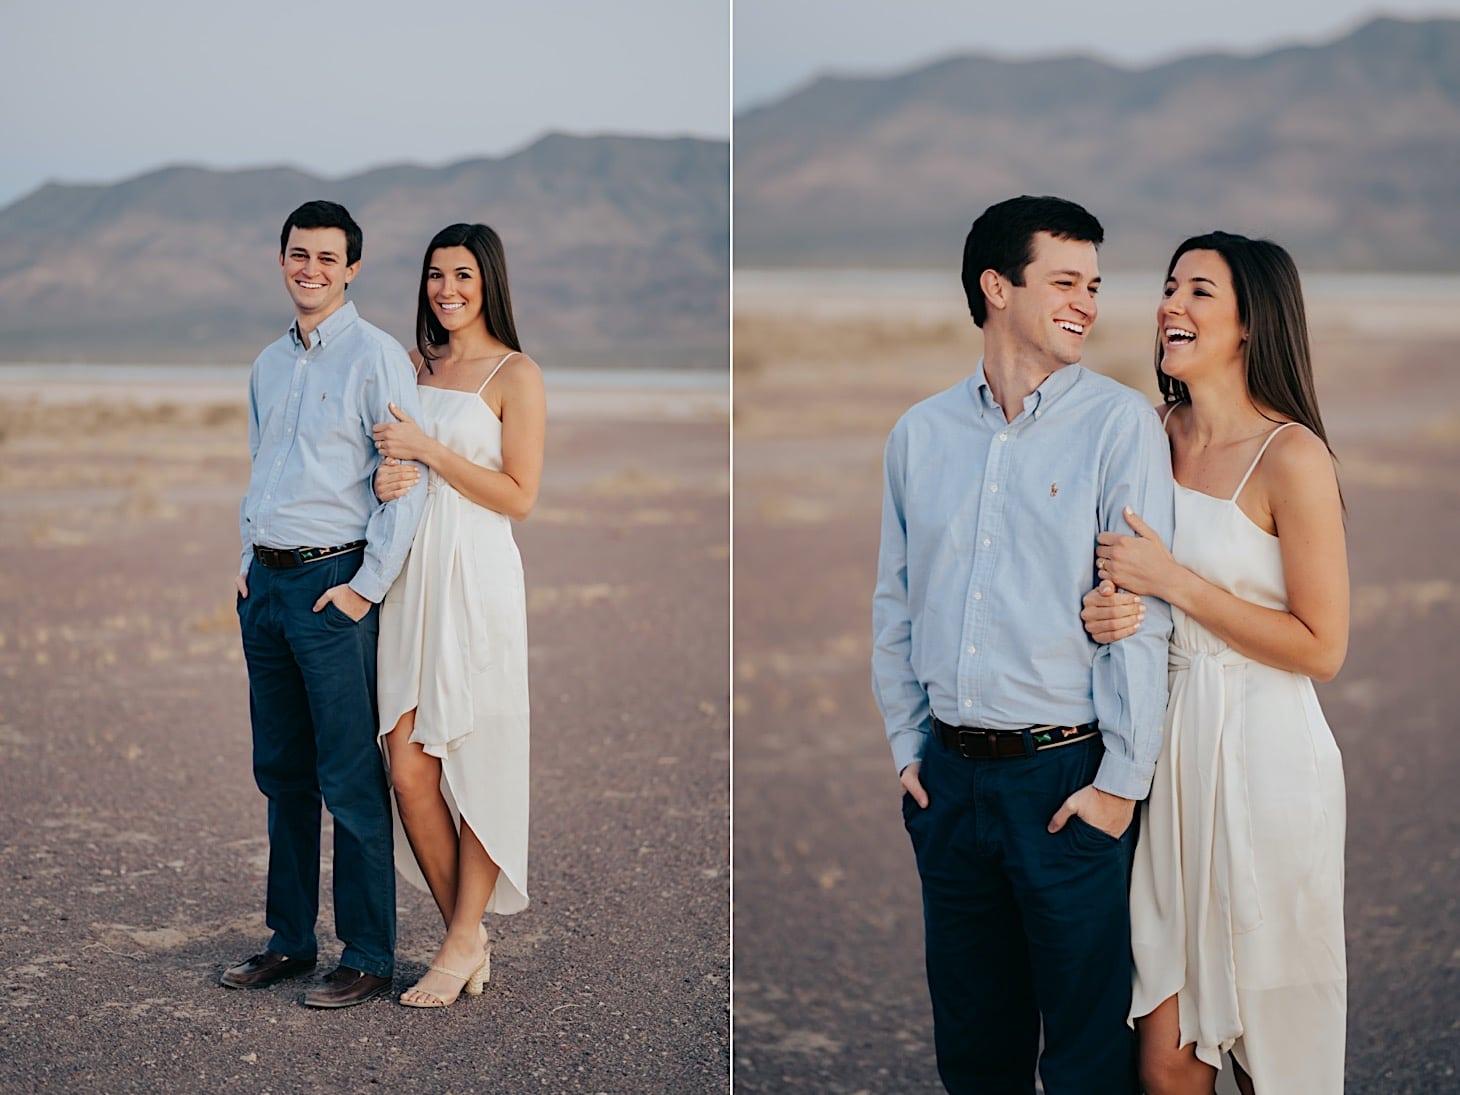 desert couple photos